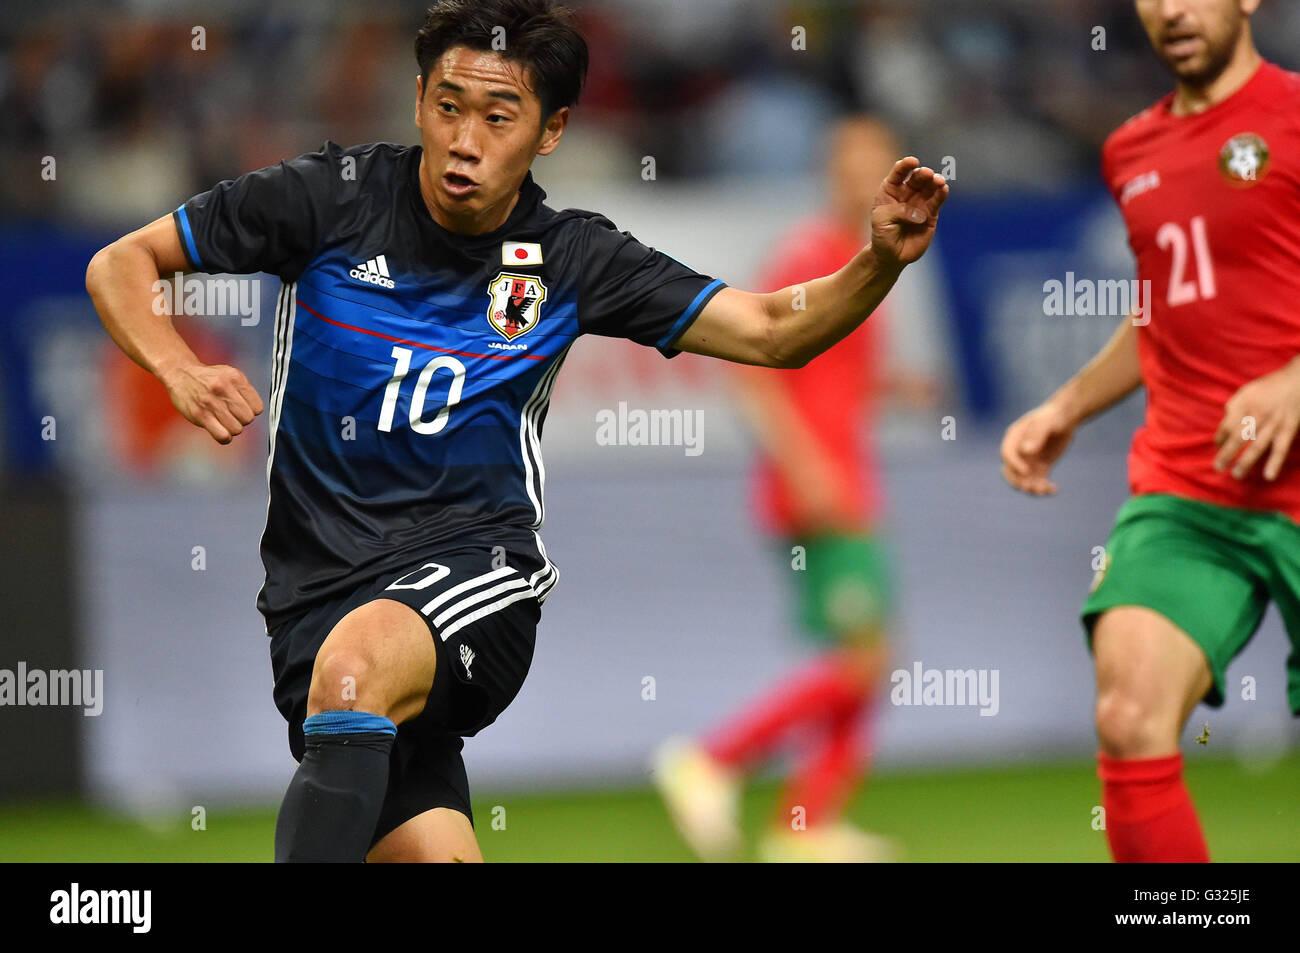 Aichi Japan 3rd June 2016 Shinji Kagawa JPN Football Soccer